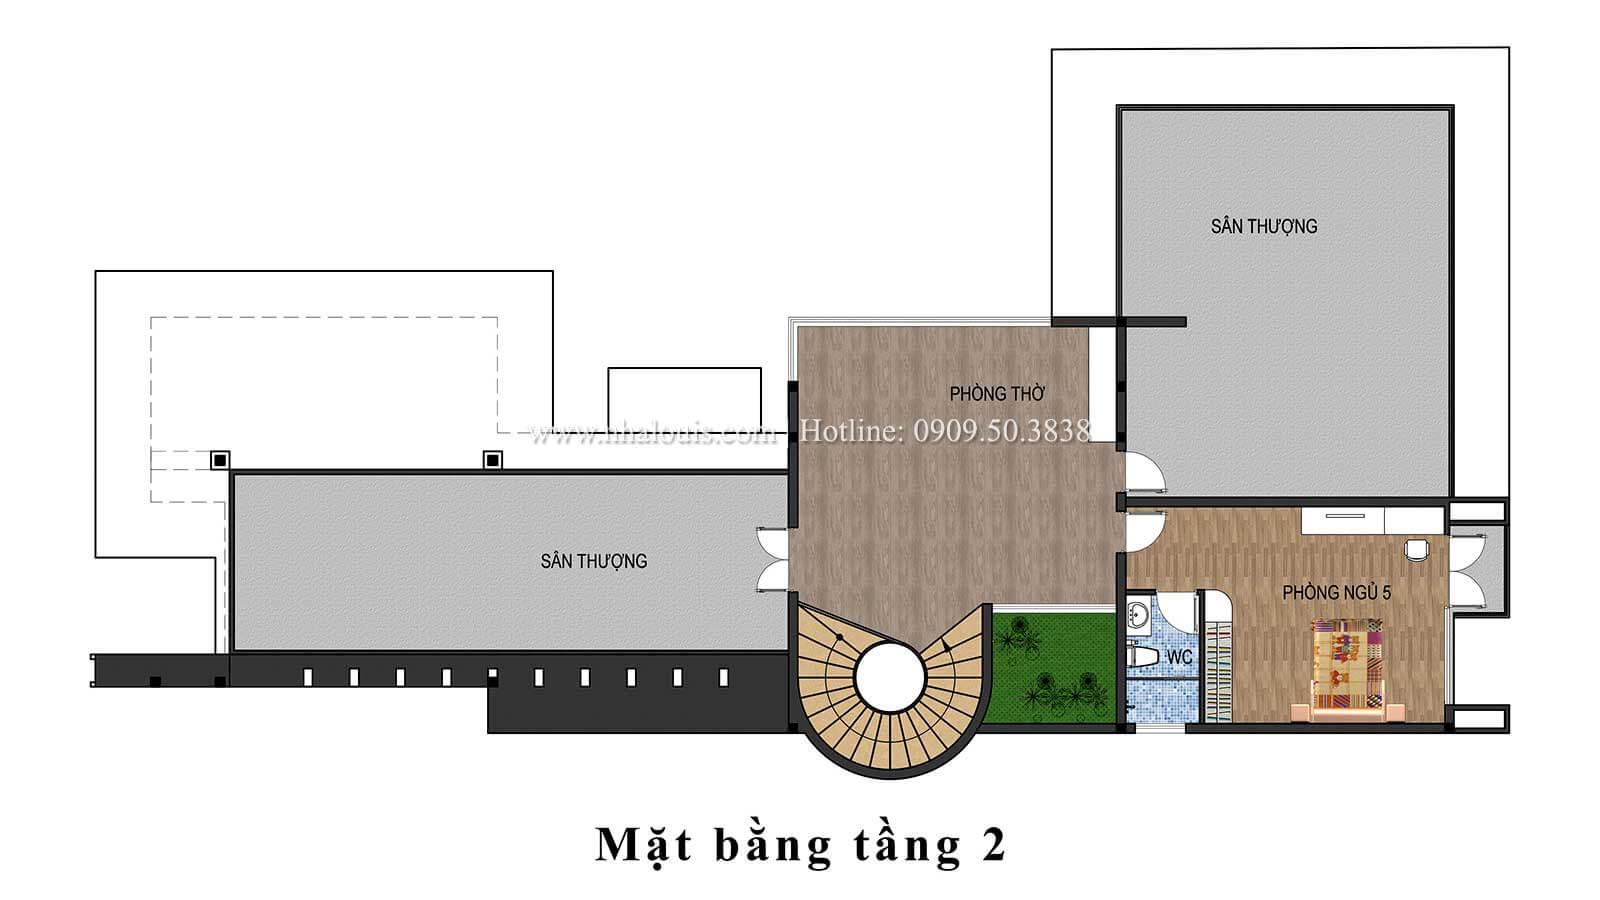 Thiết kế mẫu biệt thự 3 tầng hiện đại cực chất tại Quận 12 - 13